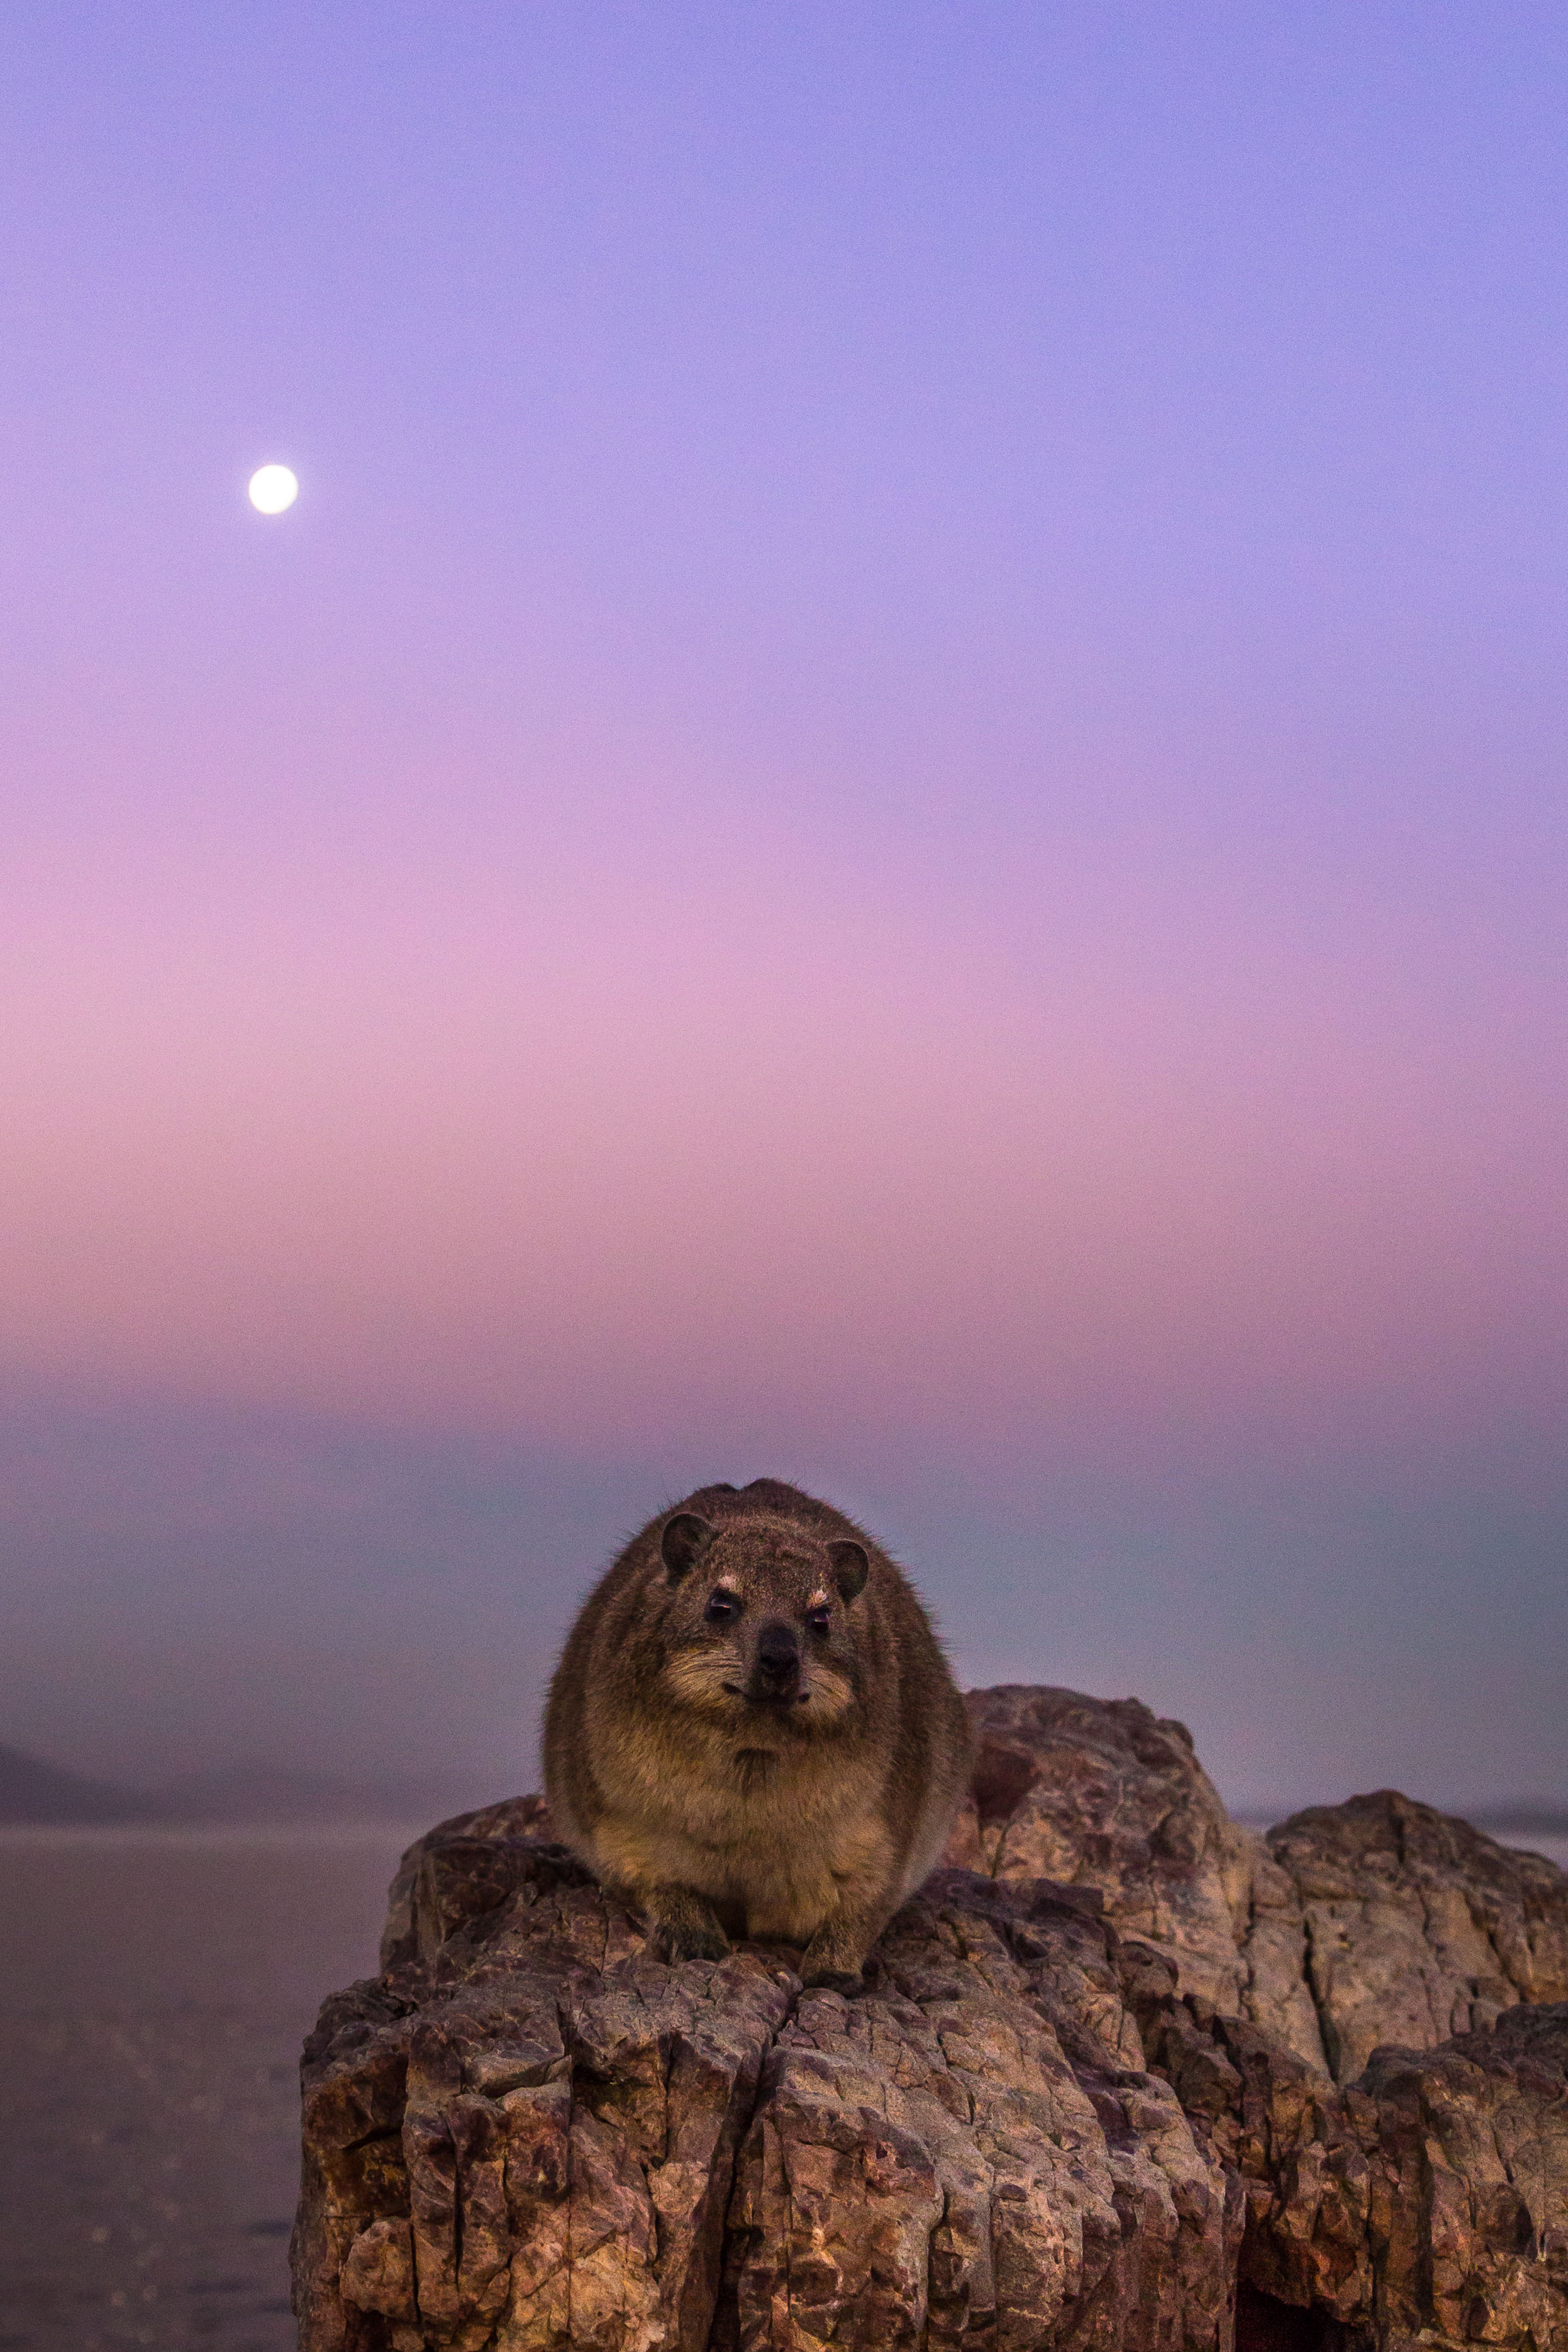 dassie-hermanus-western-cape-tyson-jopson-1.jpg